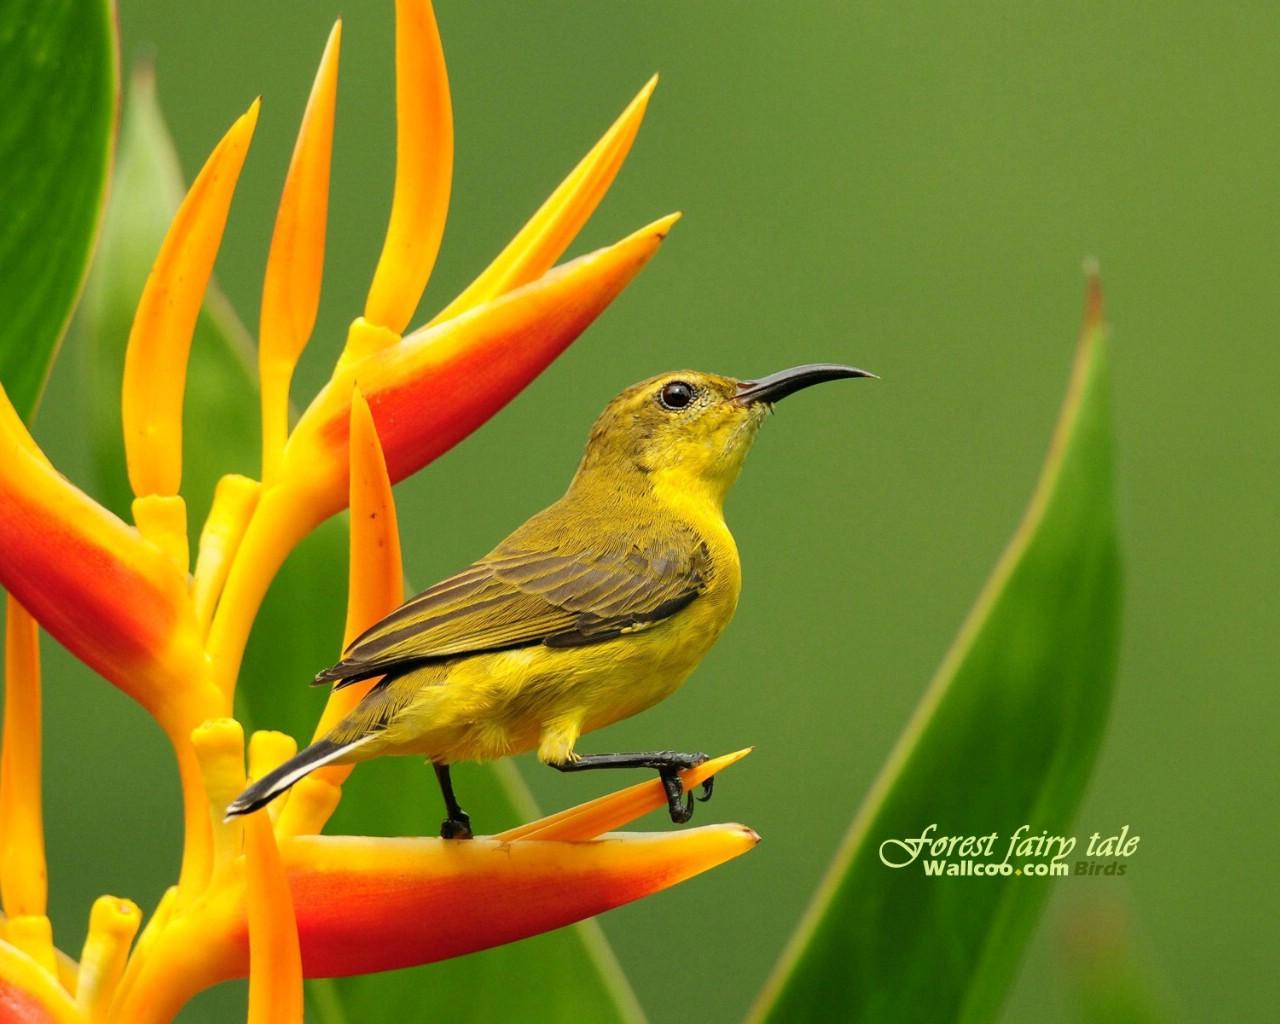 壁纸/树林里的小精灵 春天可爱小鸟壁纸 黄腹太阳鸟雌鸟如画般的艳丽...